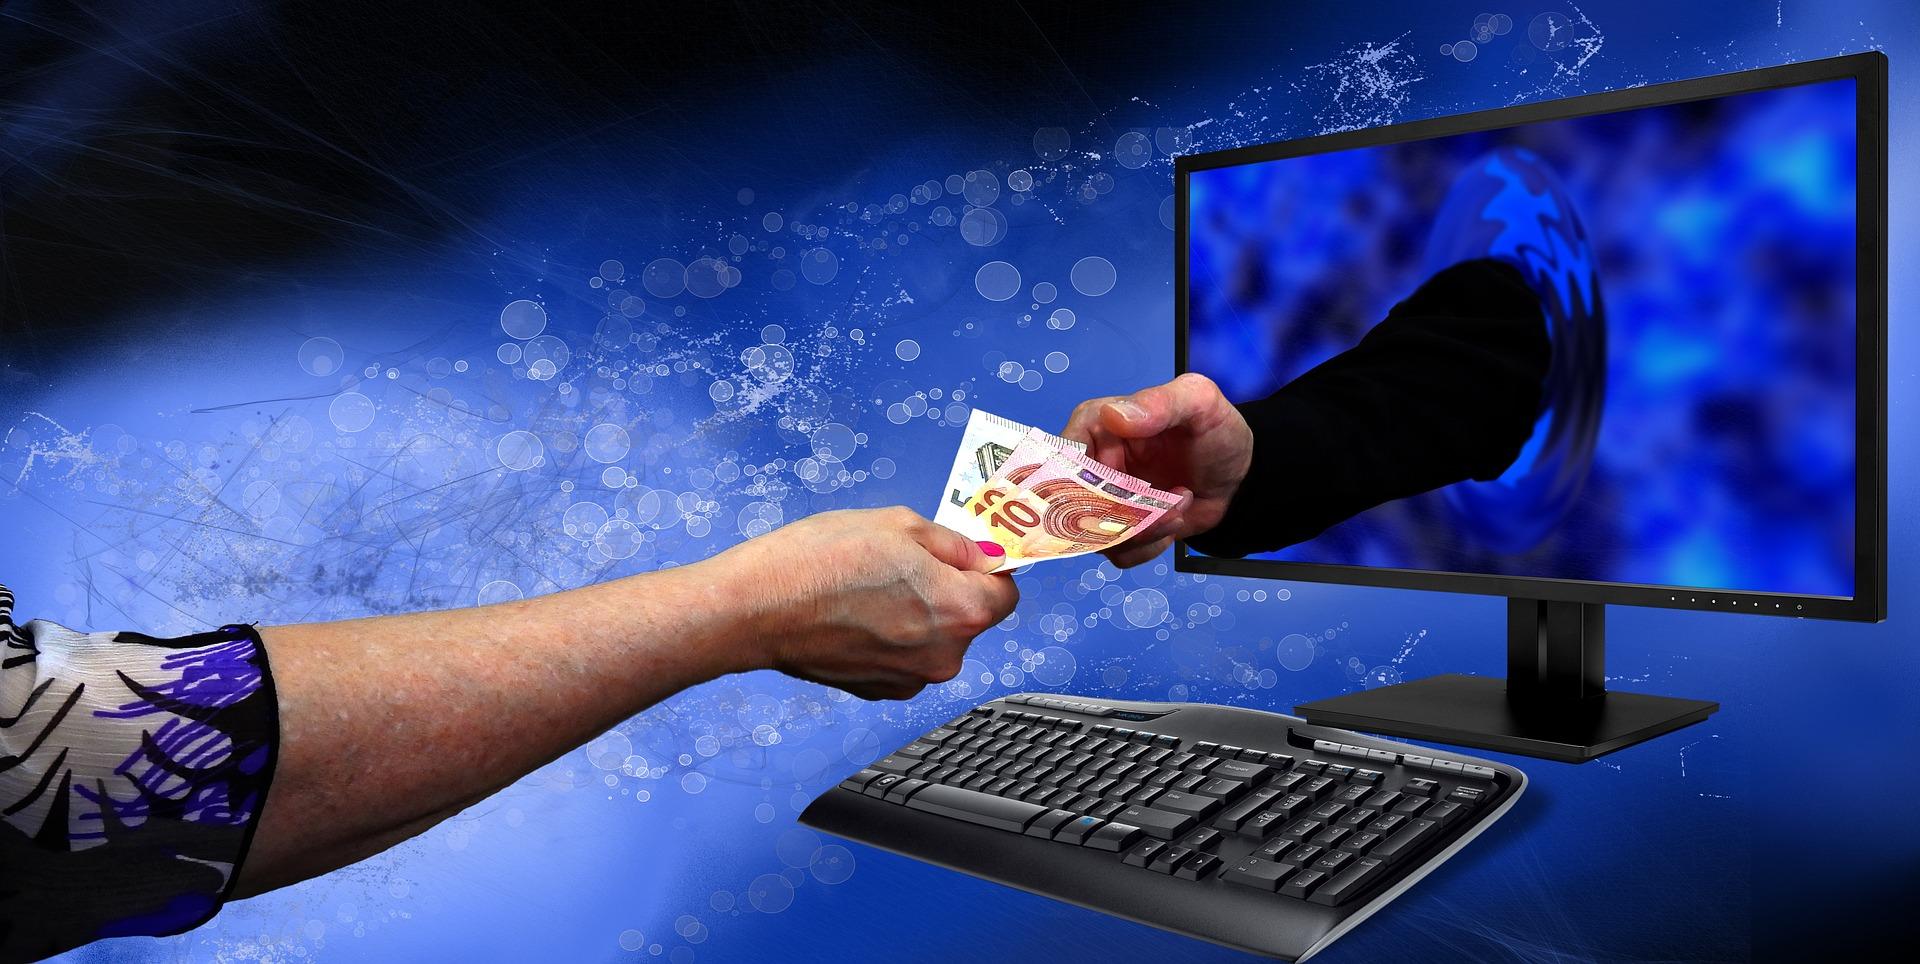 Unsere Geld-zurück-Garantie – testen Sie uns kostenlos!